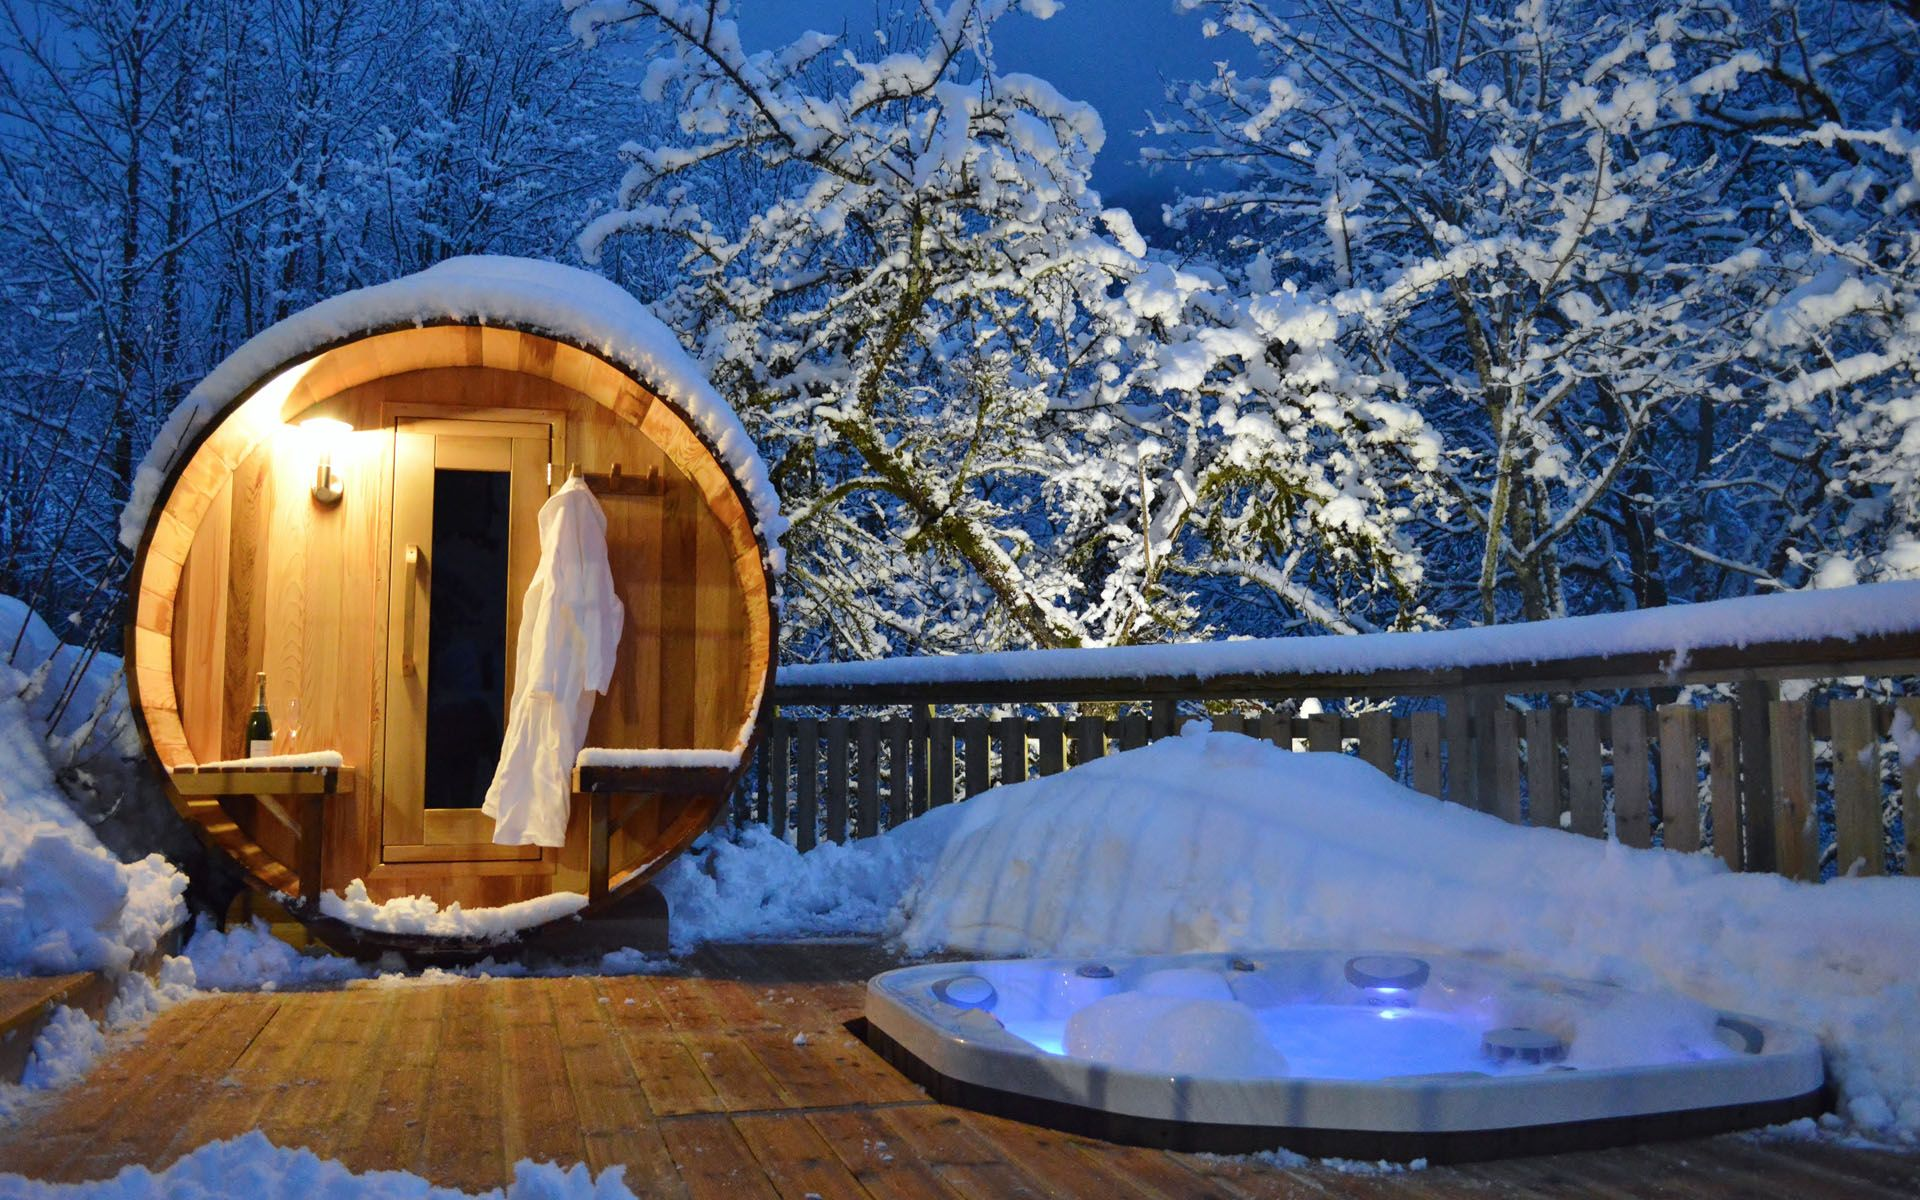 Luxury Ski Chalet, Chalet de la Manche, Morzine, France